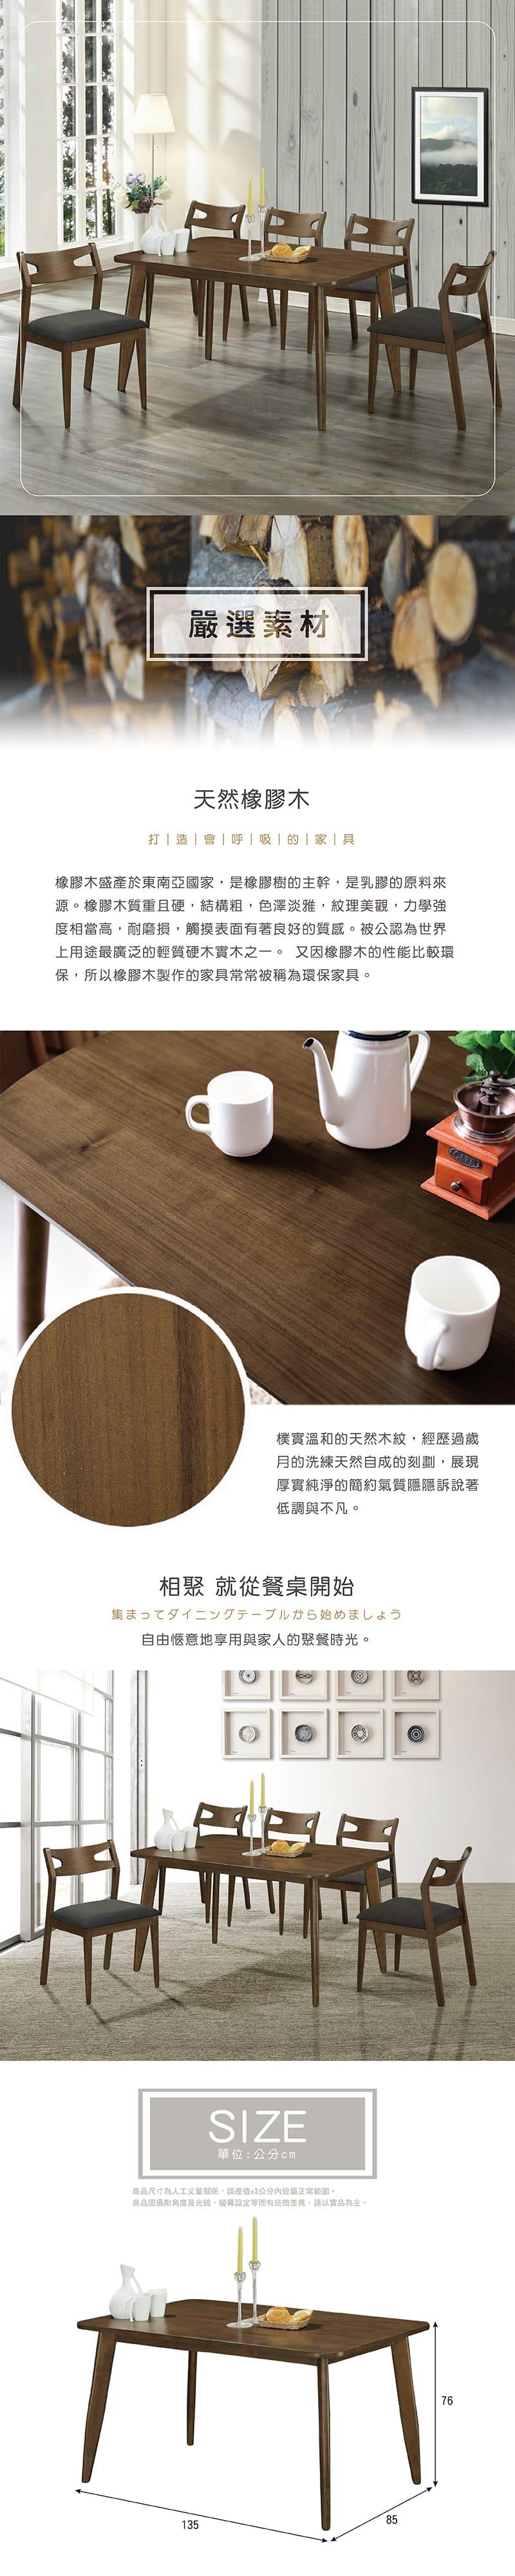 伯頓 實木餐桌 寬135cm